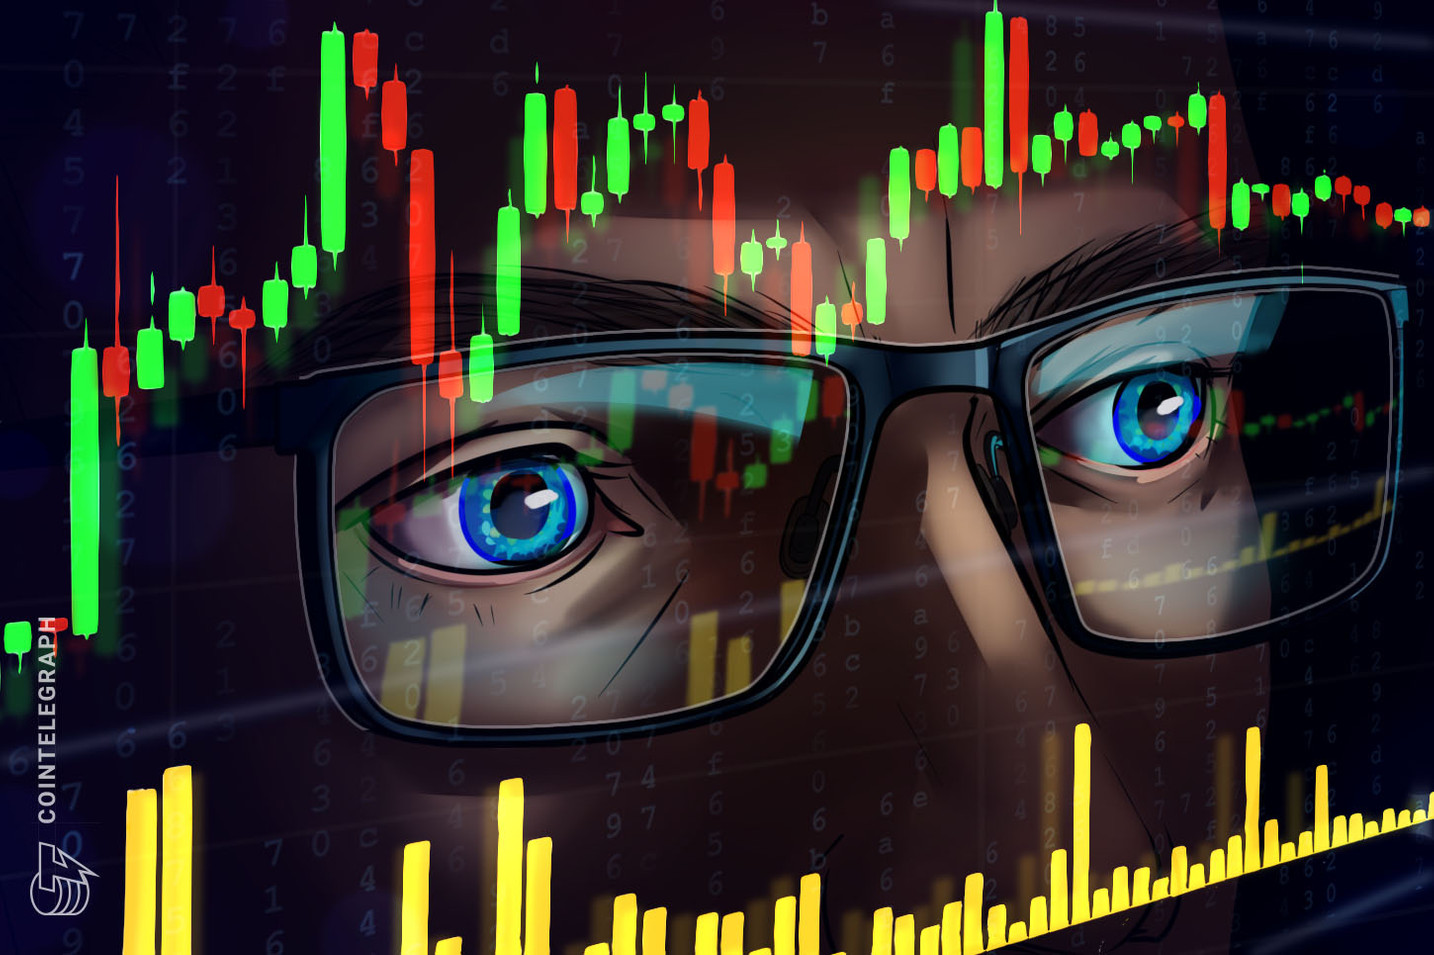 Institutionelle Krypto-Produkte verzeichnen Zuflussrekord, Investoren kaufen weiter Bitcoin